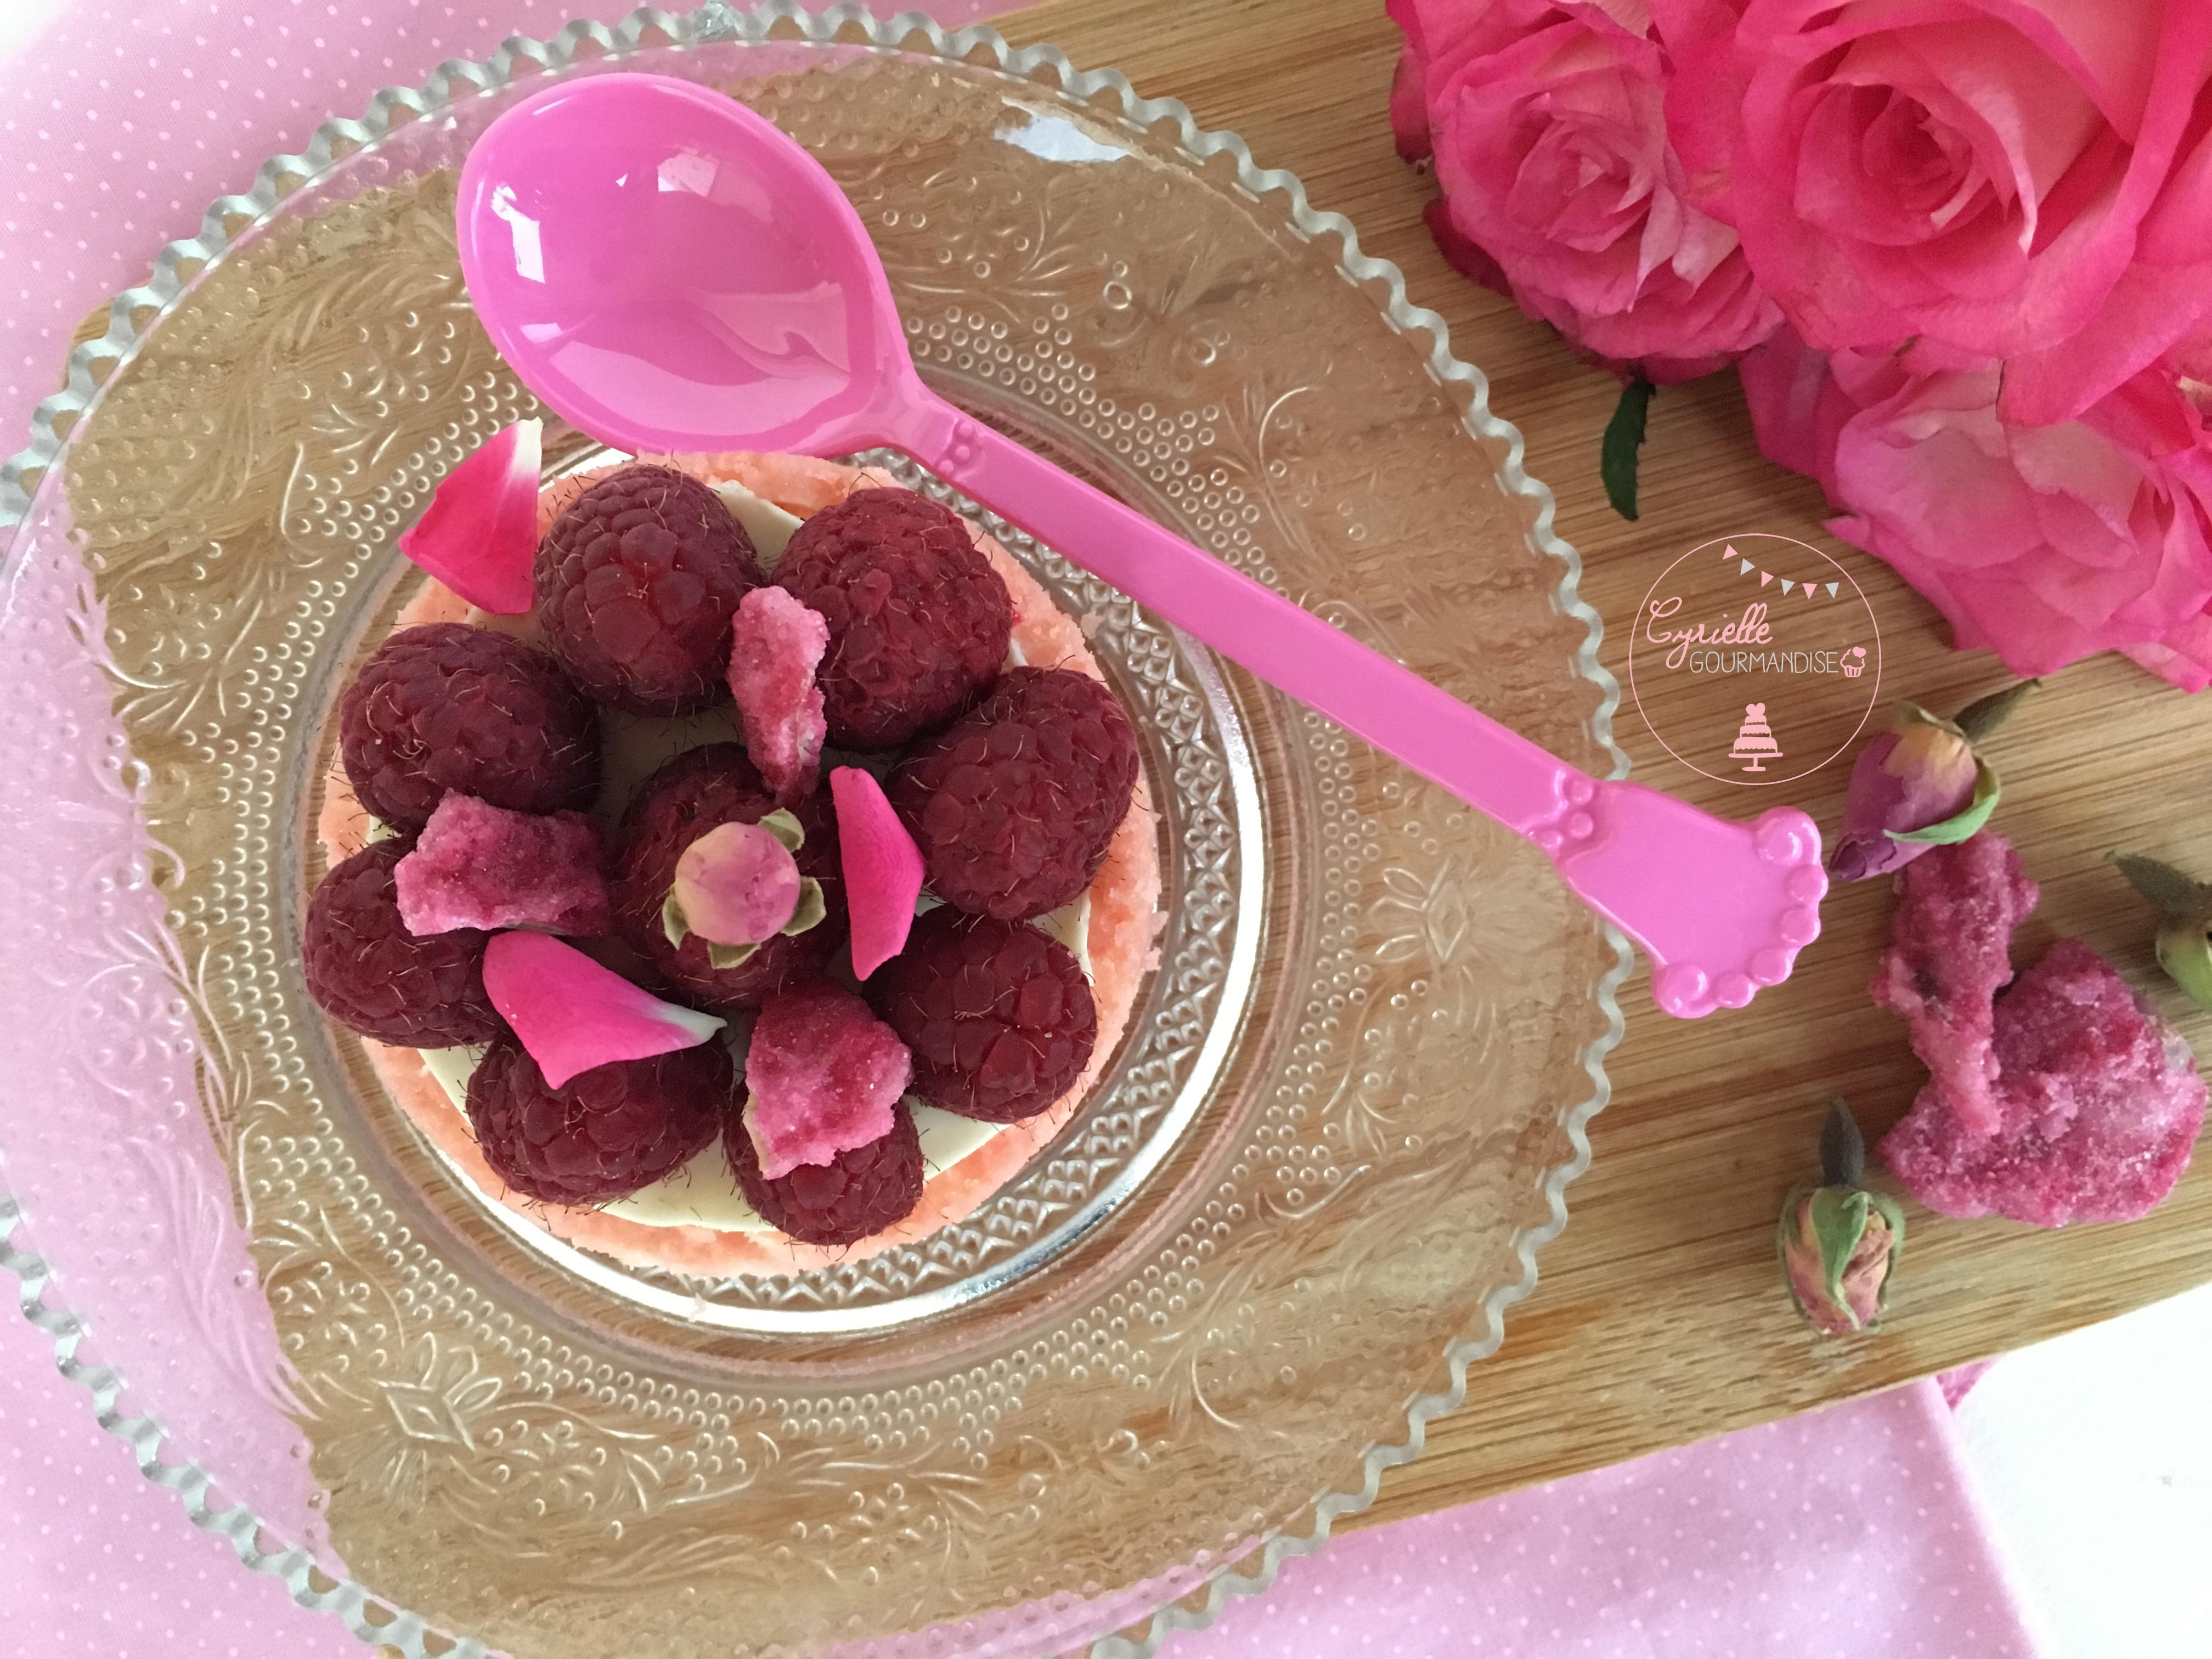 panna-cotta-rose-framboise-9